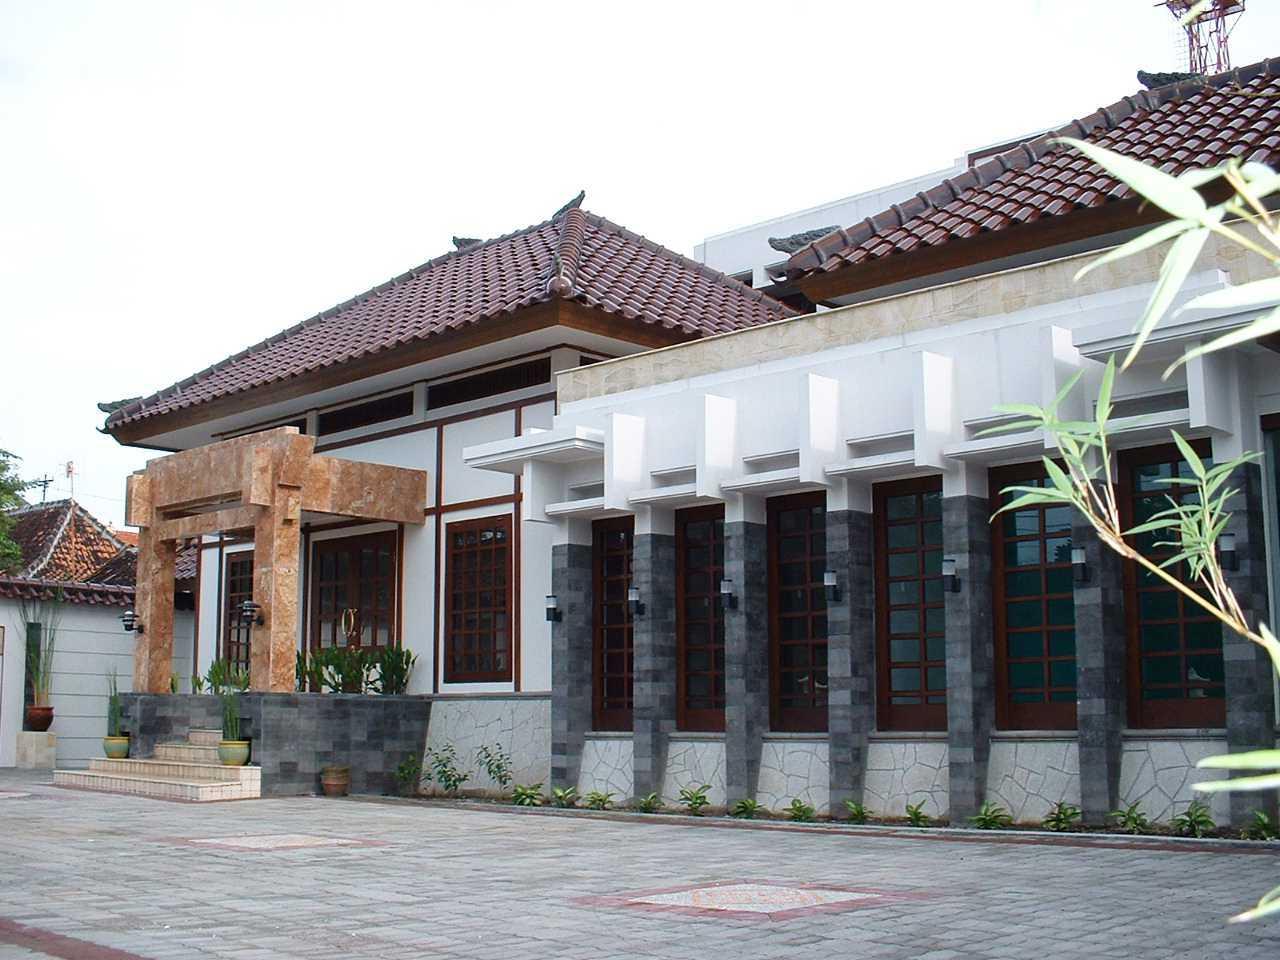 Foto inspirasi ide desain exterior asian Exterior oleh Vastu Cipta Persada di Arsitag